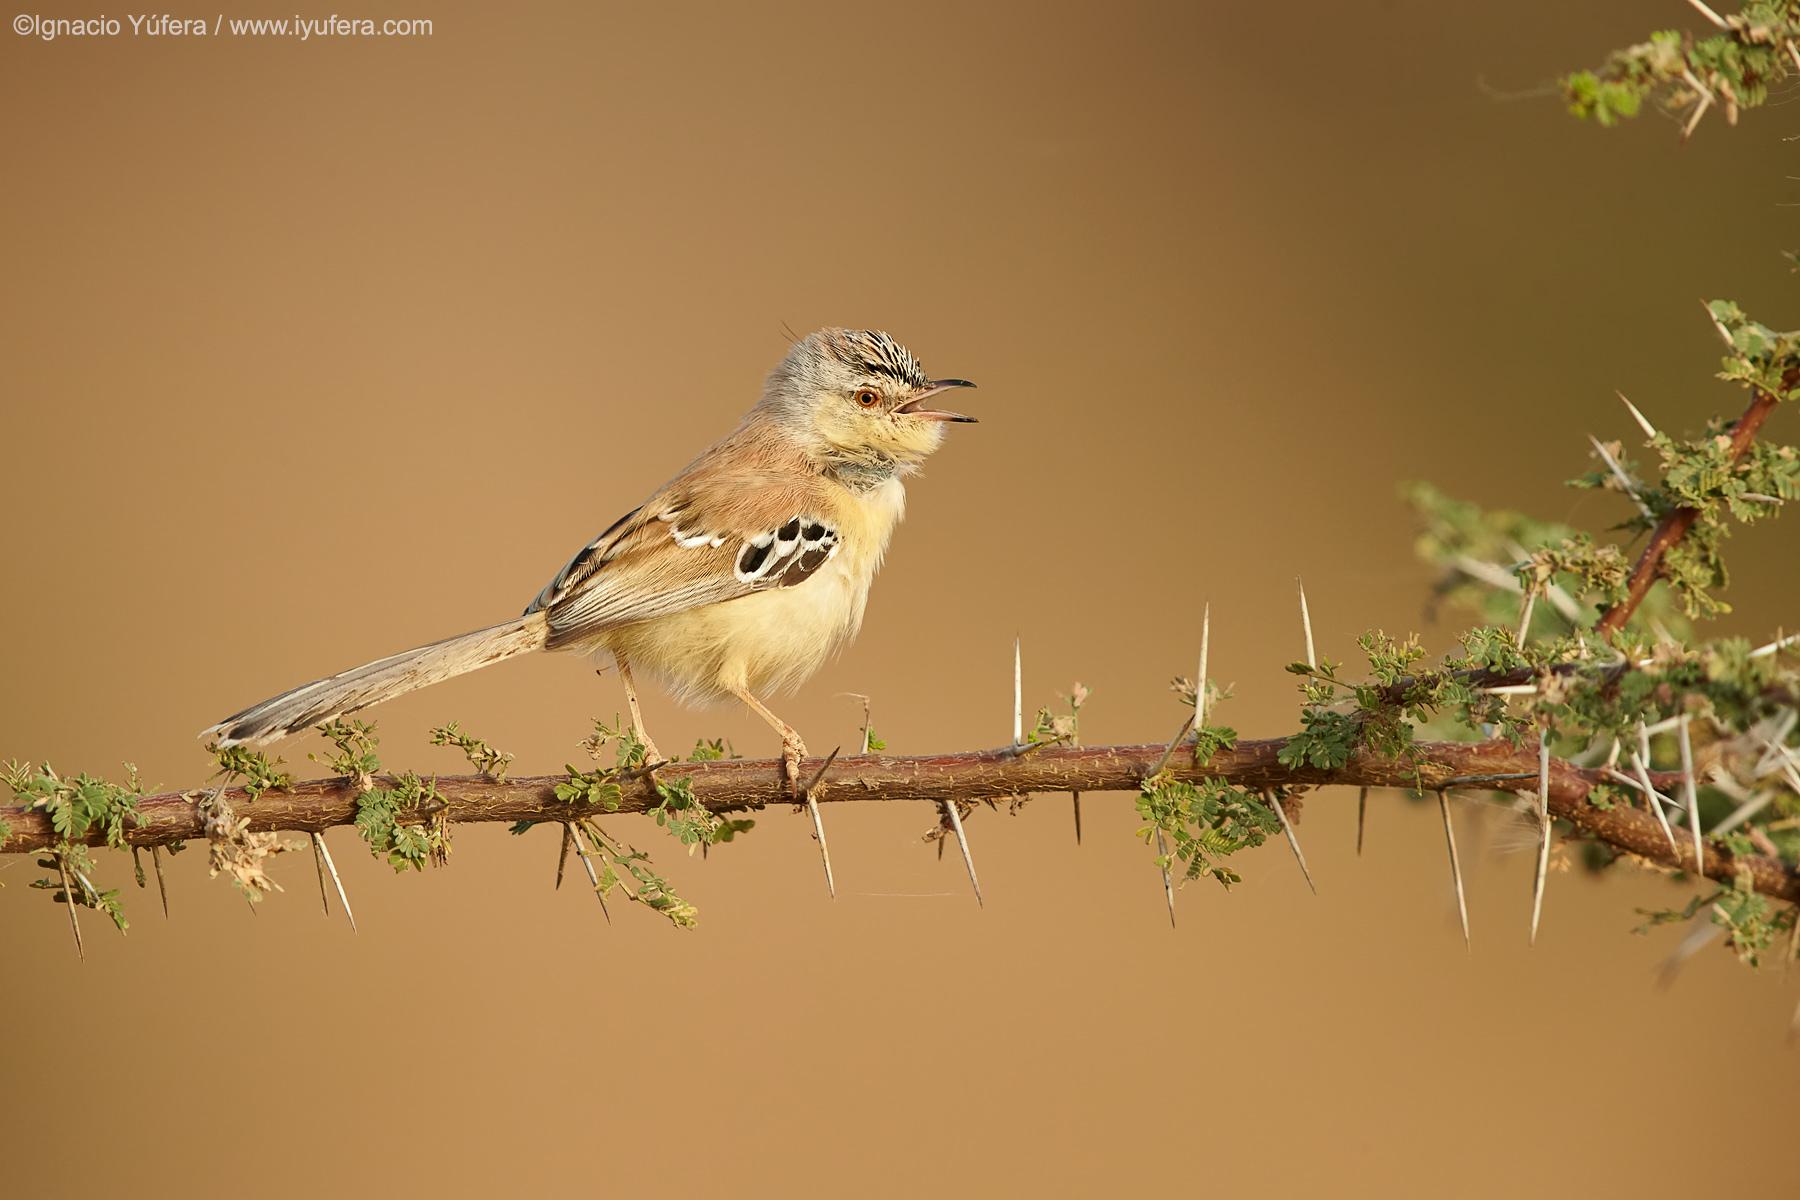 Cricket-warbler-sing-2